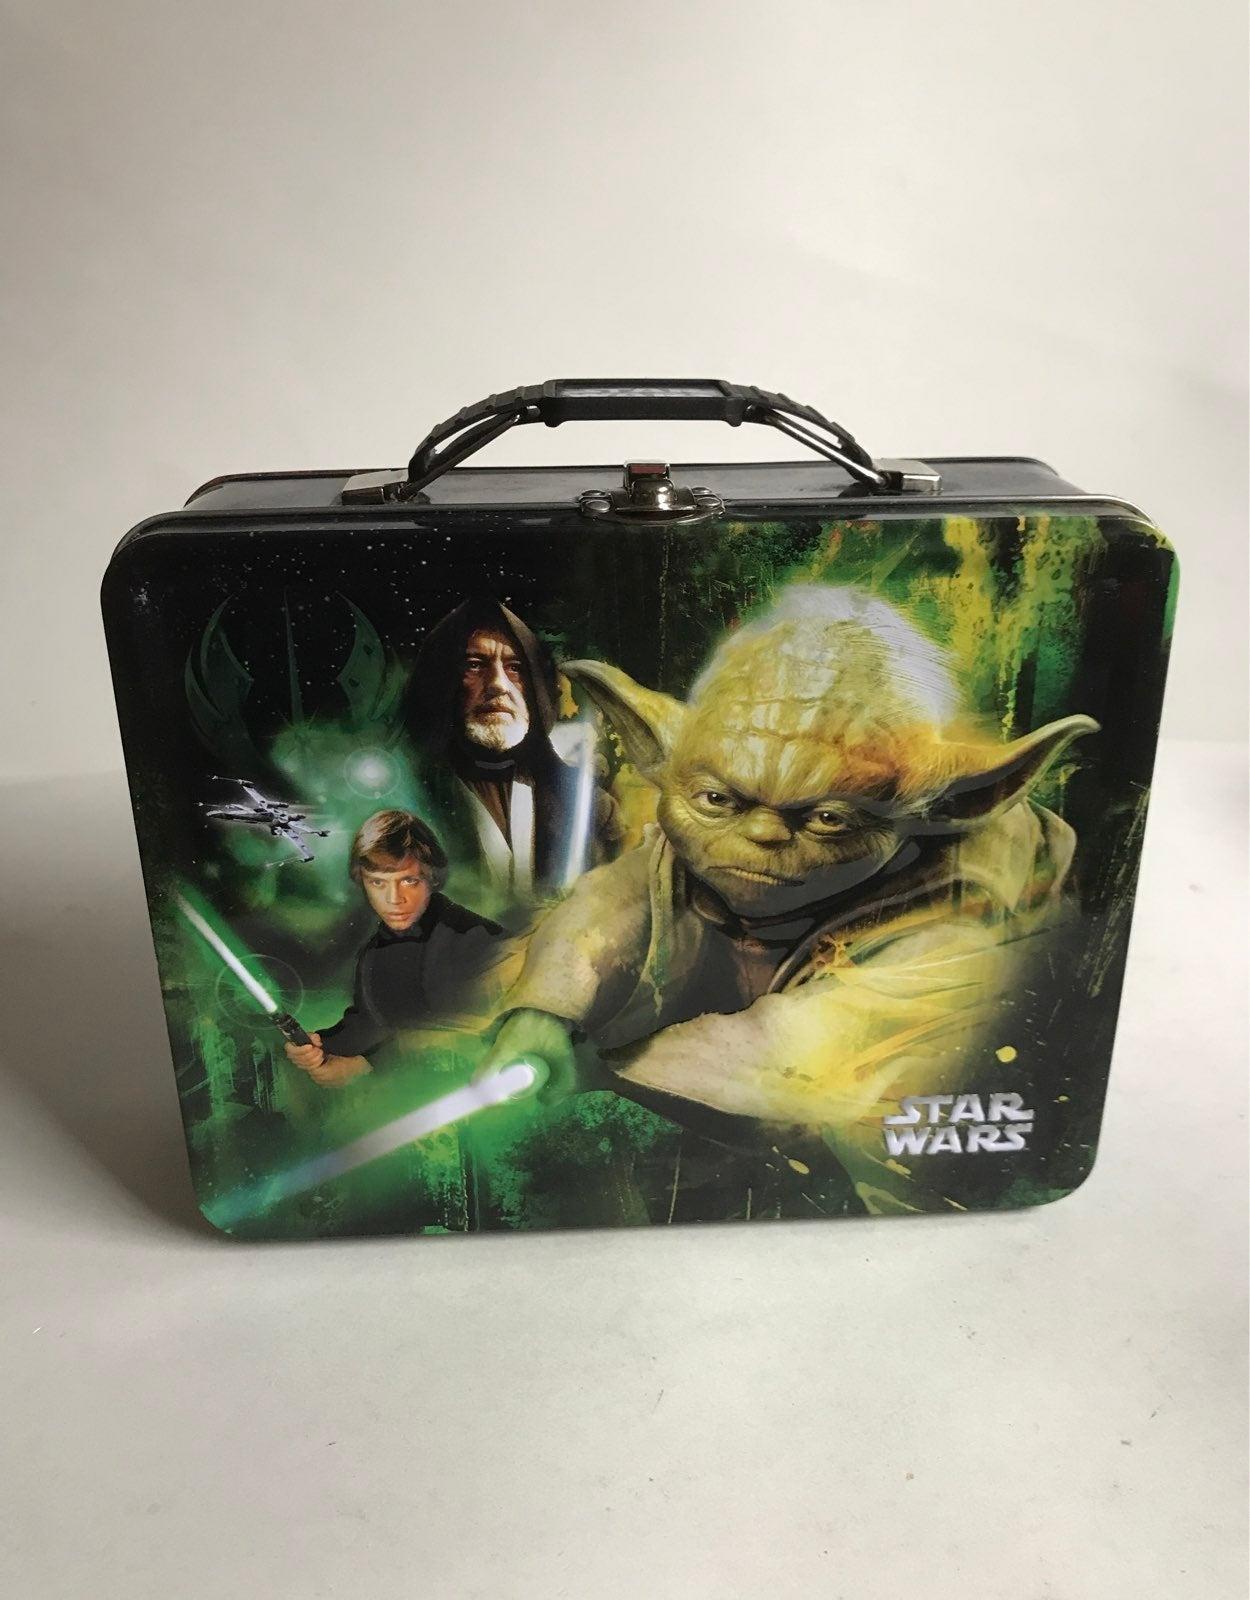 Star Wars 2011 Tin Box